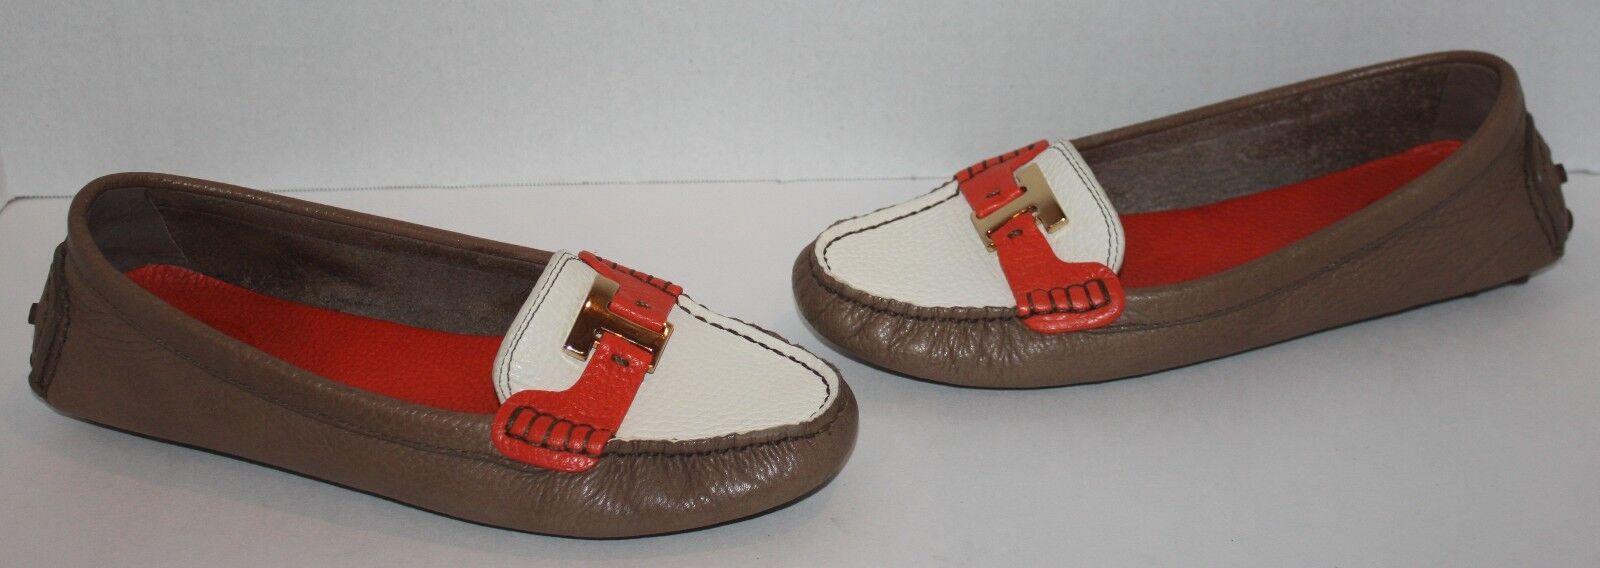 Rara Para Mujer Tory Burch Casey marrón marrón marrón MultiColor Cuero Mocasines Flats Talla 8 M  precio mas barato